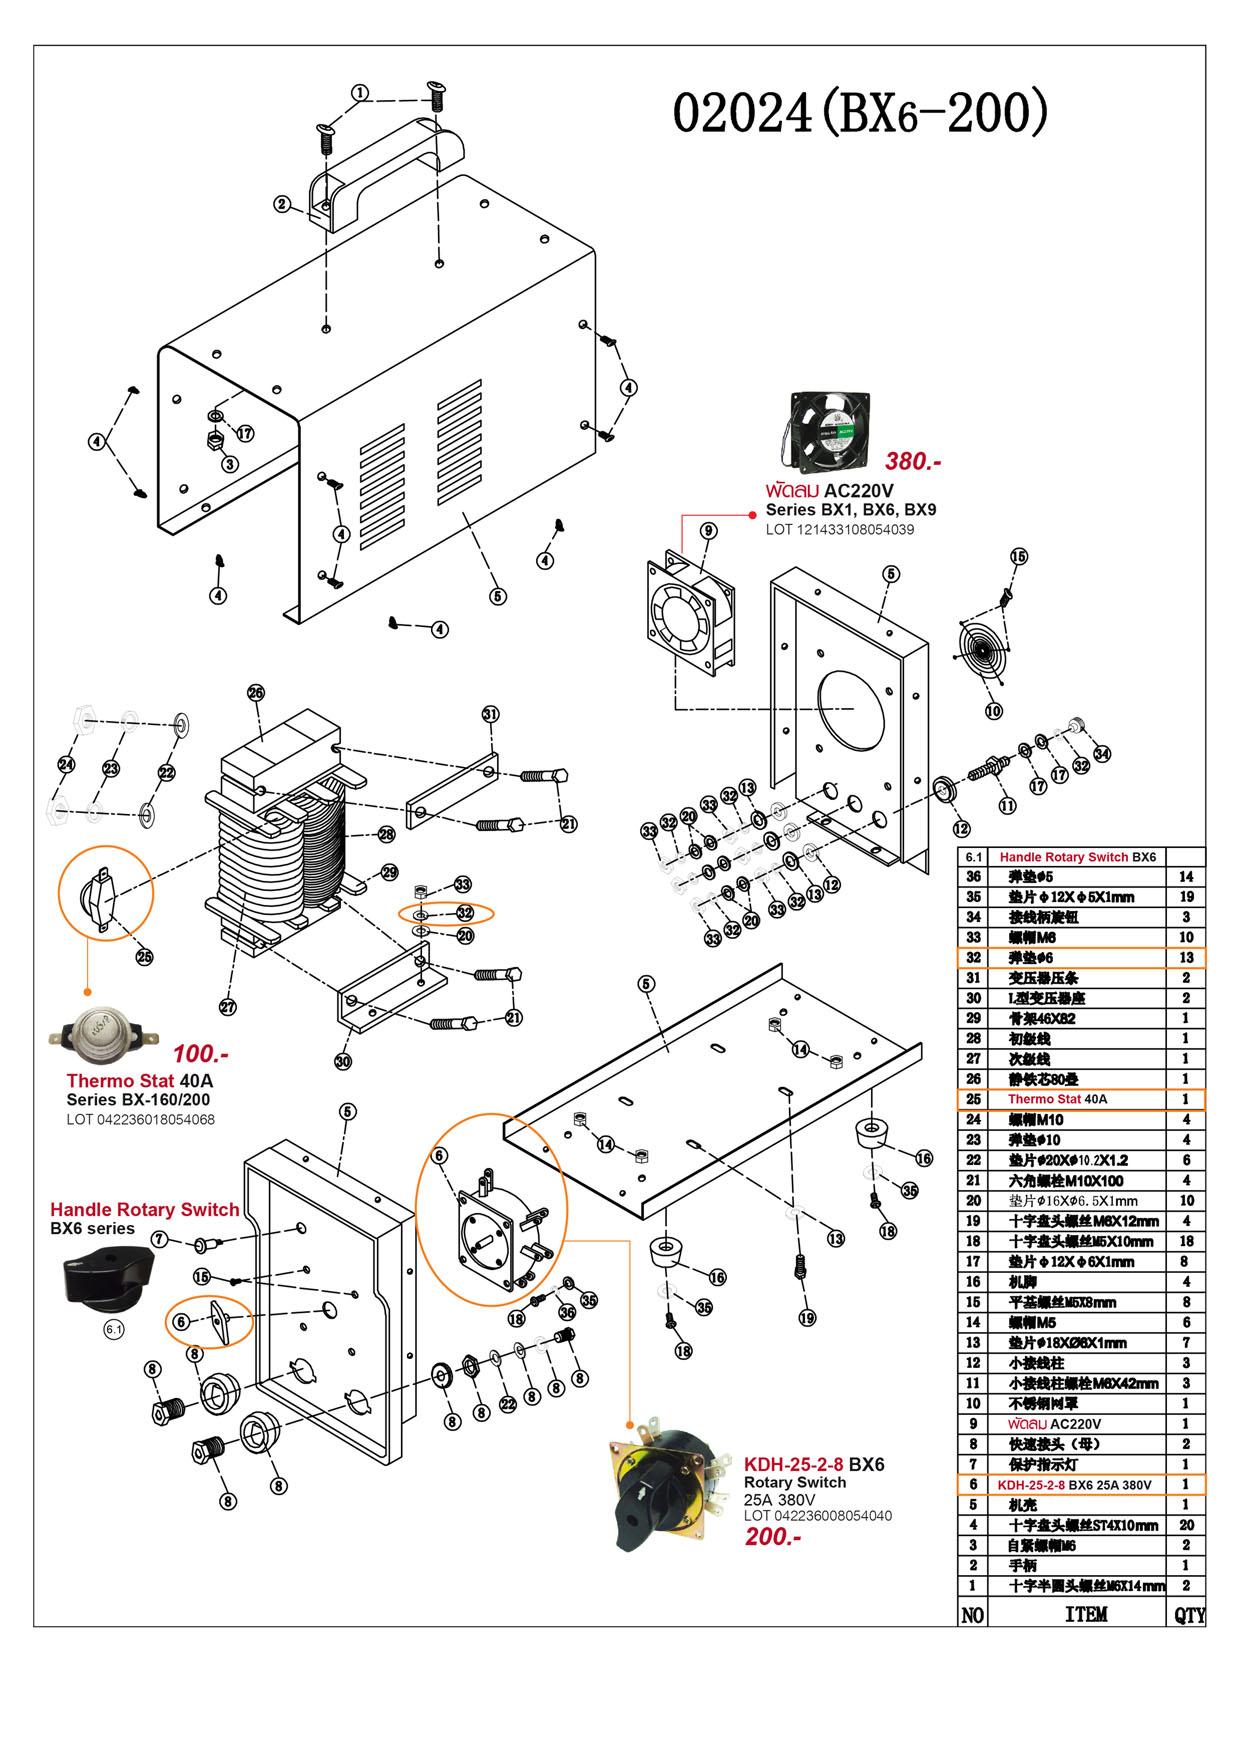 (10/19) เครื่องเชื่อมไฟฟ้า - Welding Machine BX Series